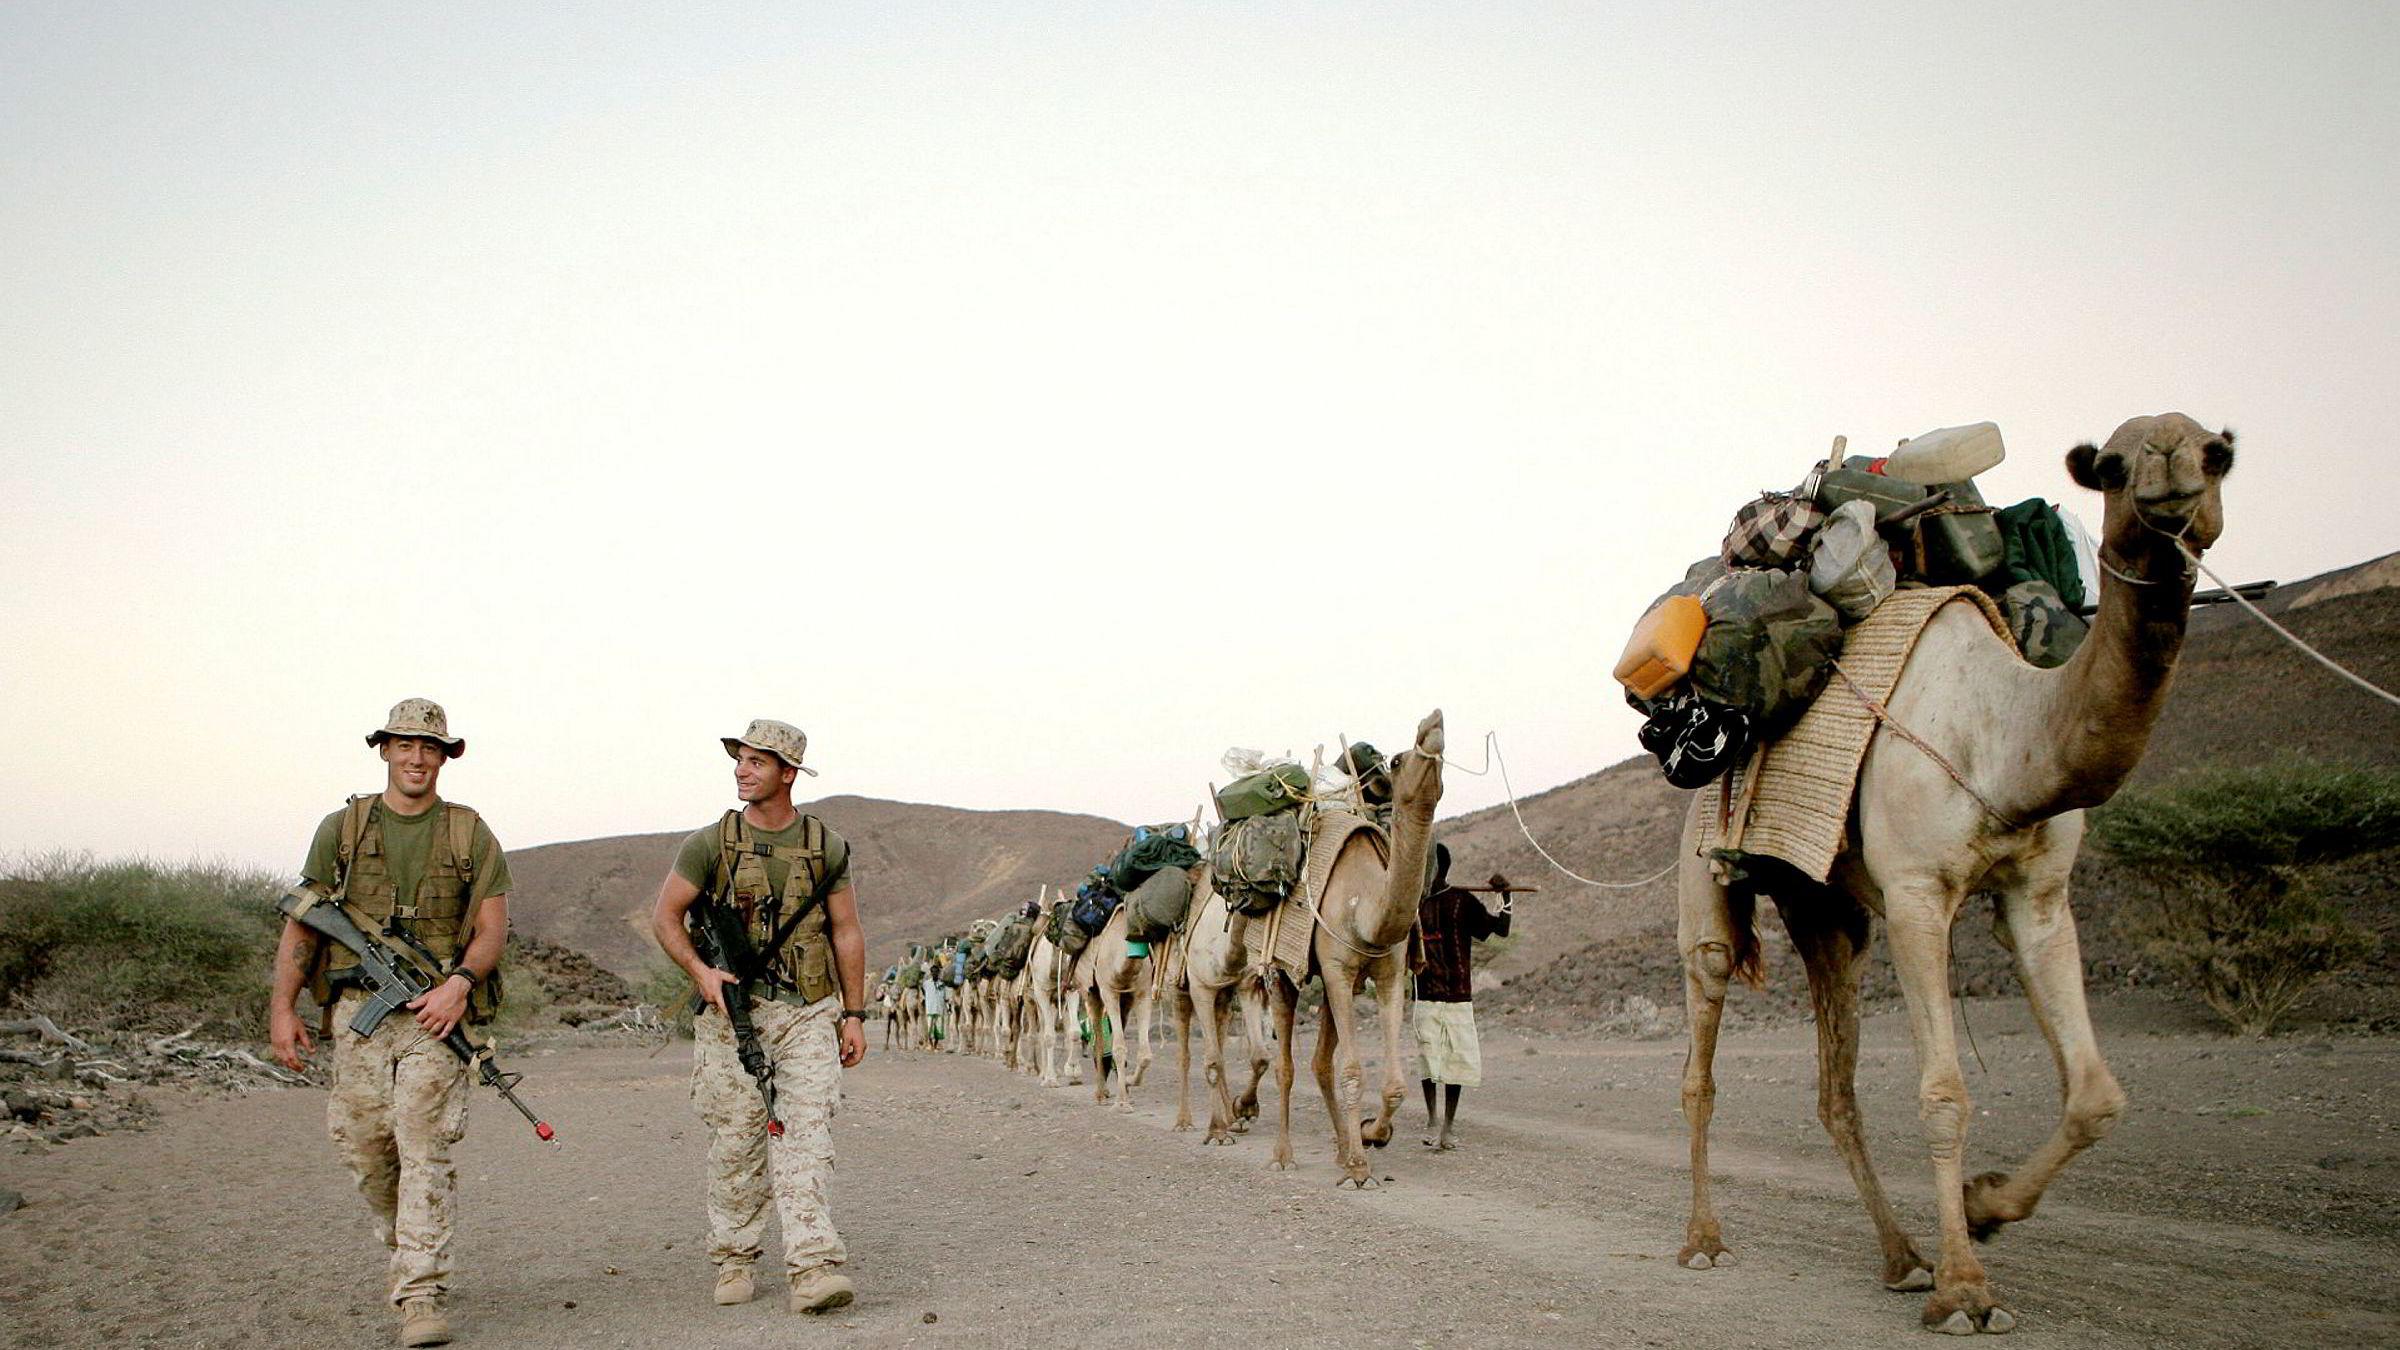 Noen av Djiboutis rundt 20.000 kameler bidrar til å dra lasset for stormaktene som har militærbase der. Her fra en amerikanskmilitærøvelse i ørkenlandet.